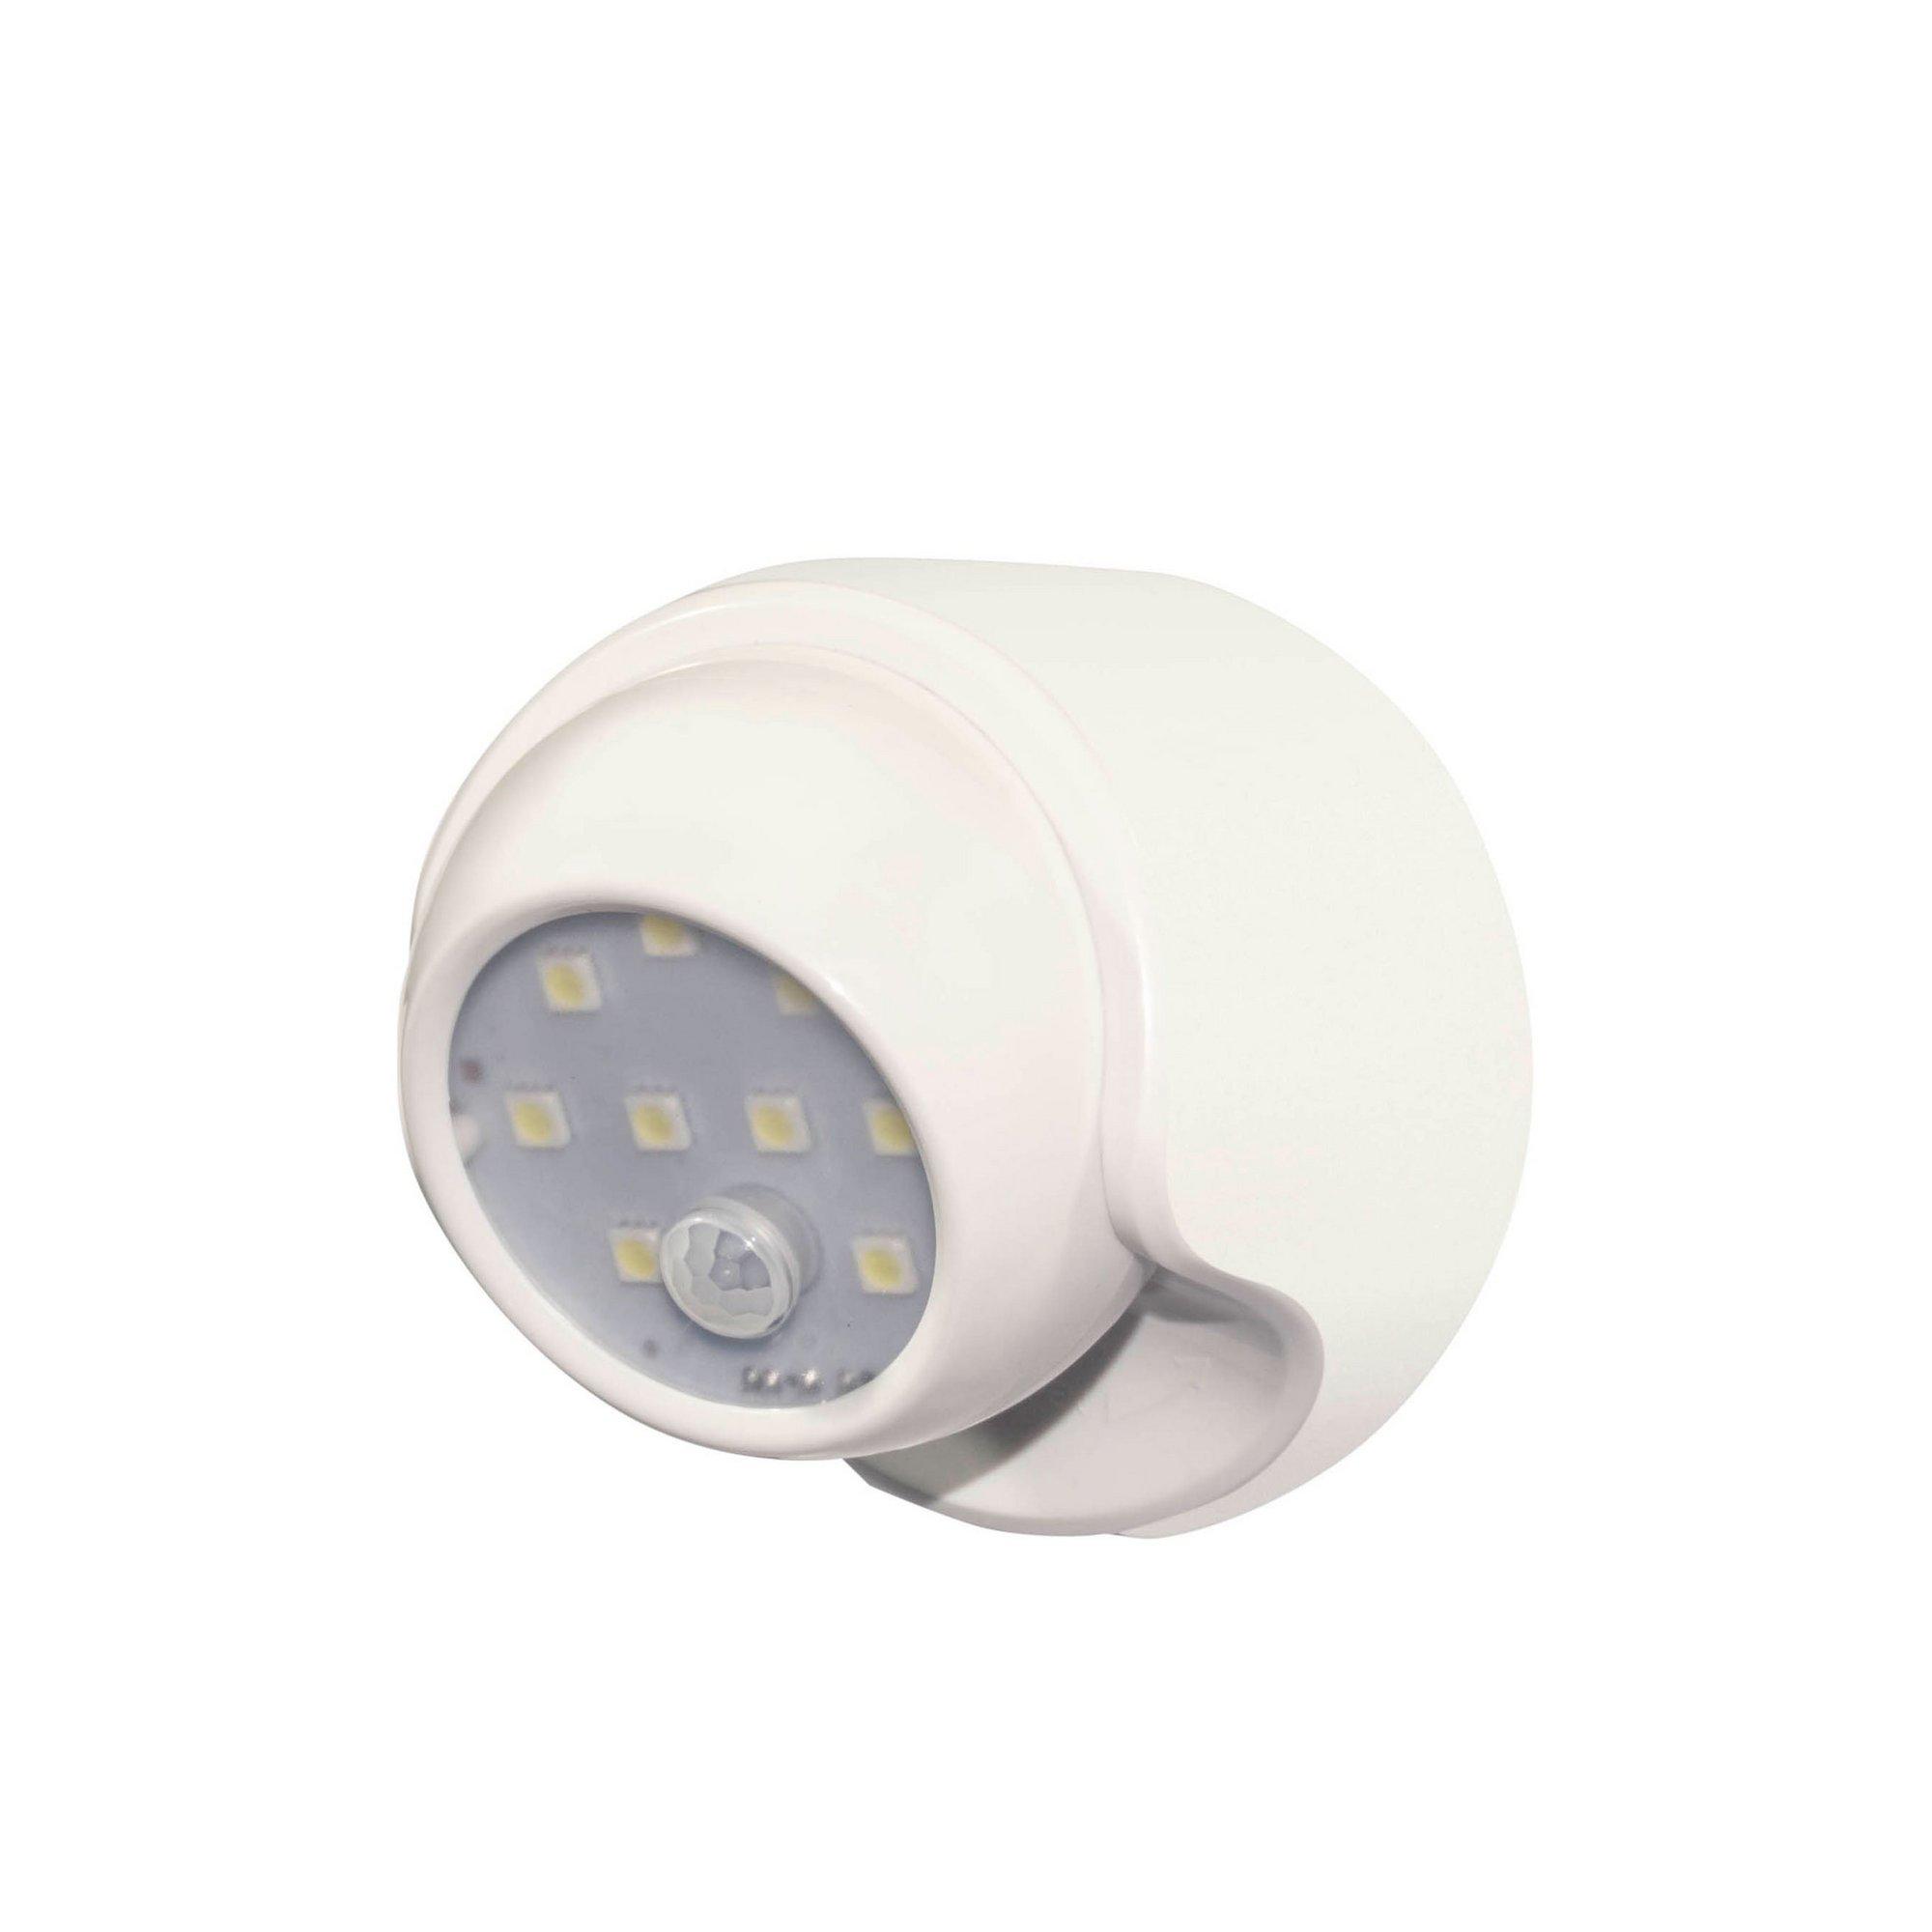 Image of 9 LED Motion Sensor Battery Light